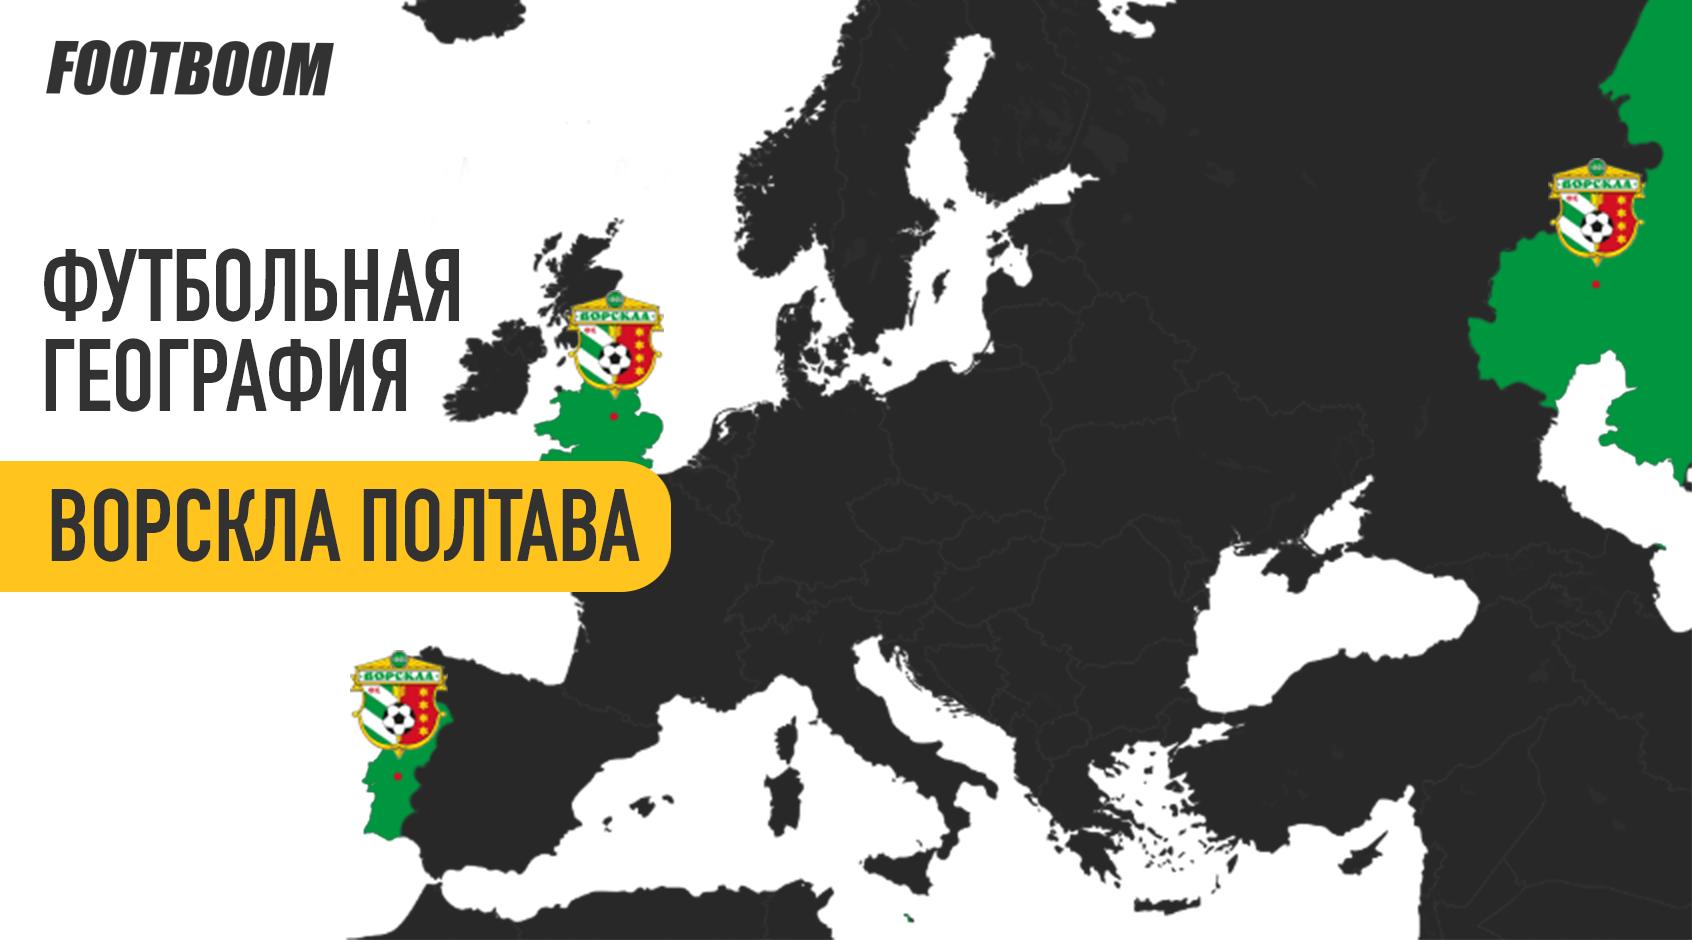 Футбольная география: какое расстояние в 2018 году преодолели украинские клубы? - изображение 2